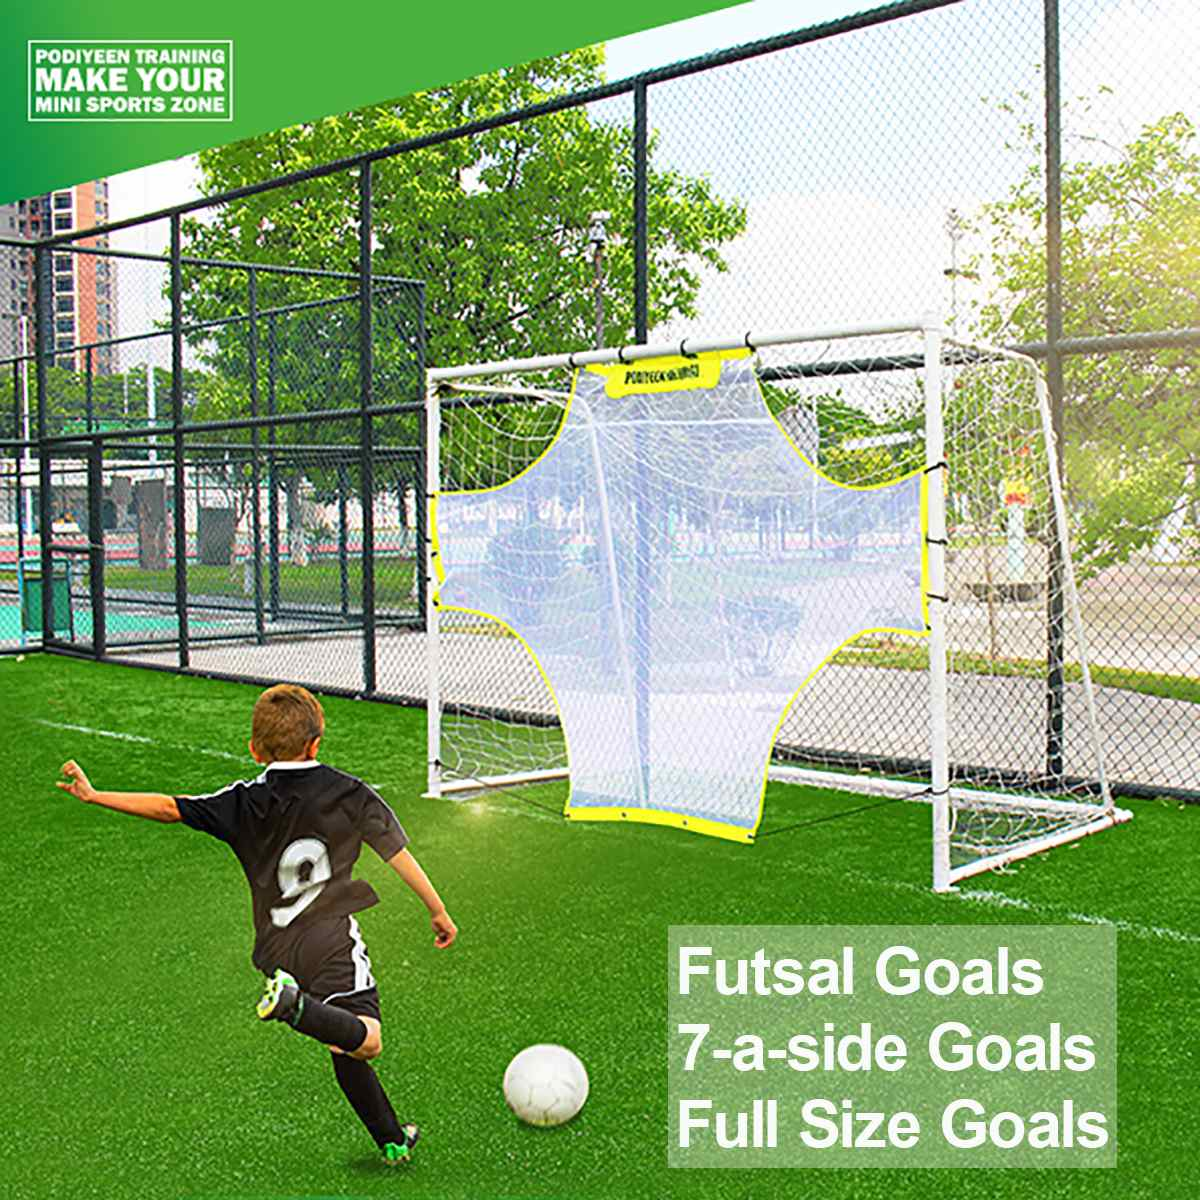 Entraînement Football Football cible entraînement tir but Net Portable ballon de Football pour enfants étudiants Football outil d'entraînement